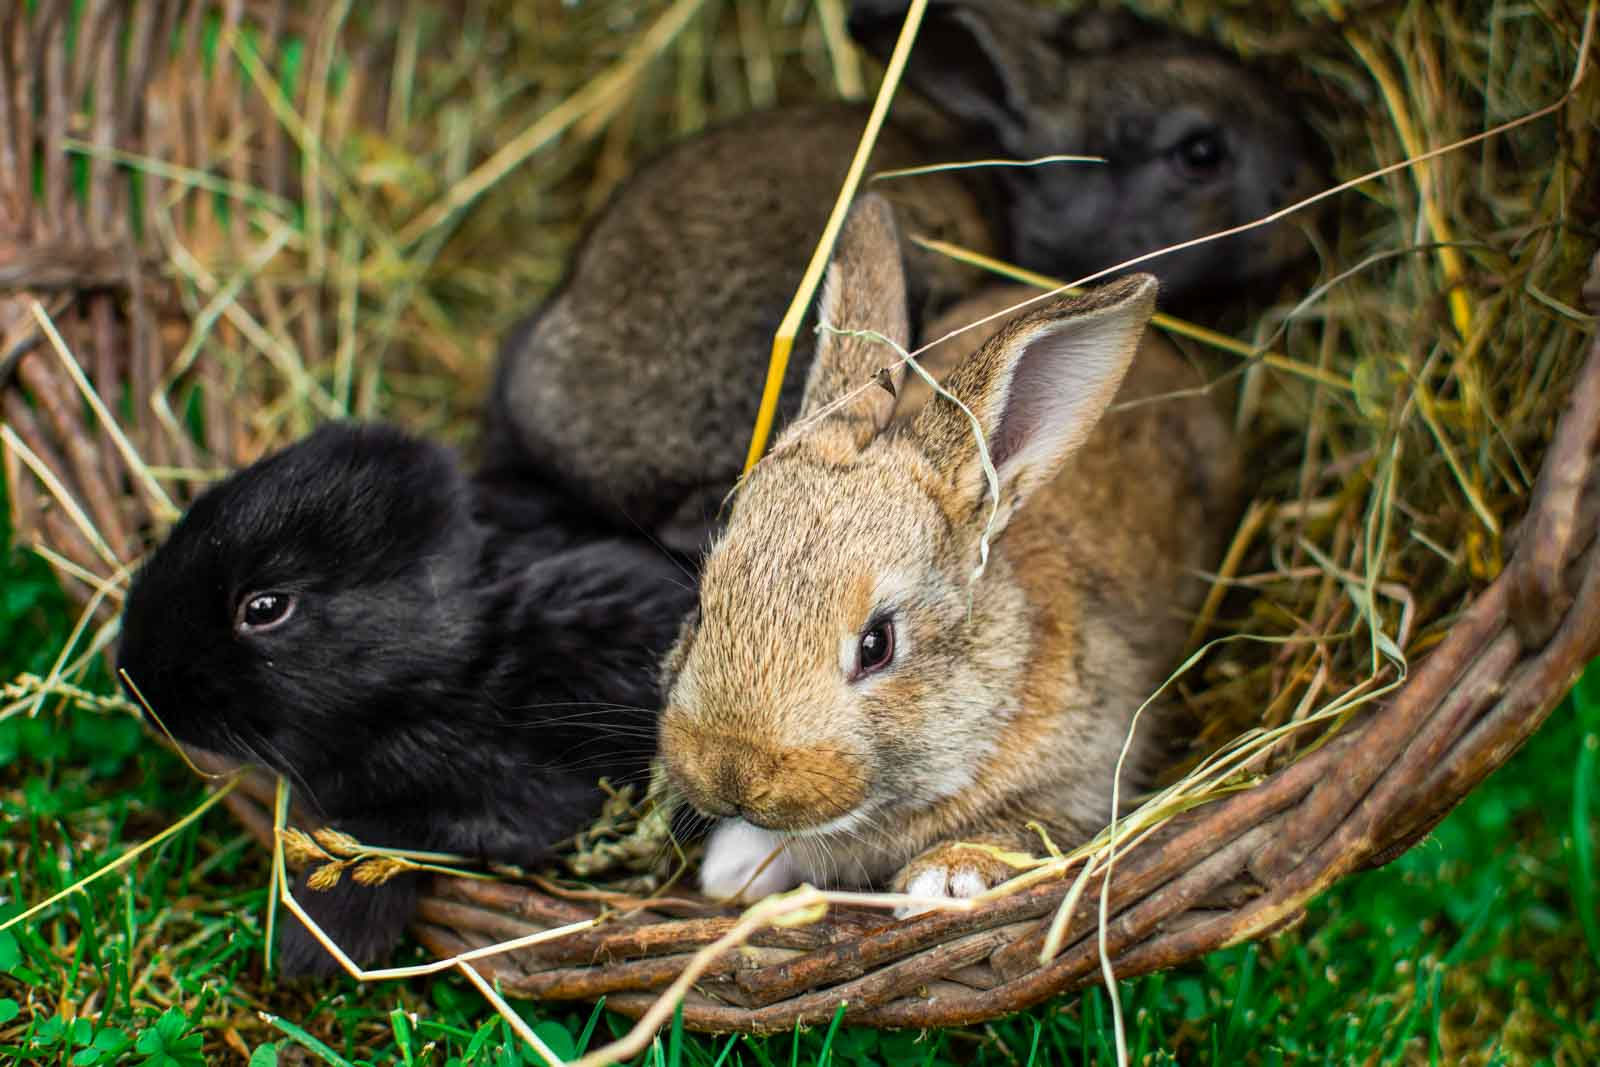 Lapins se protégeant de l'ombre dans un tunnel en osier